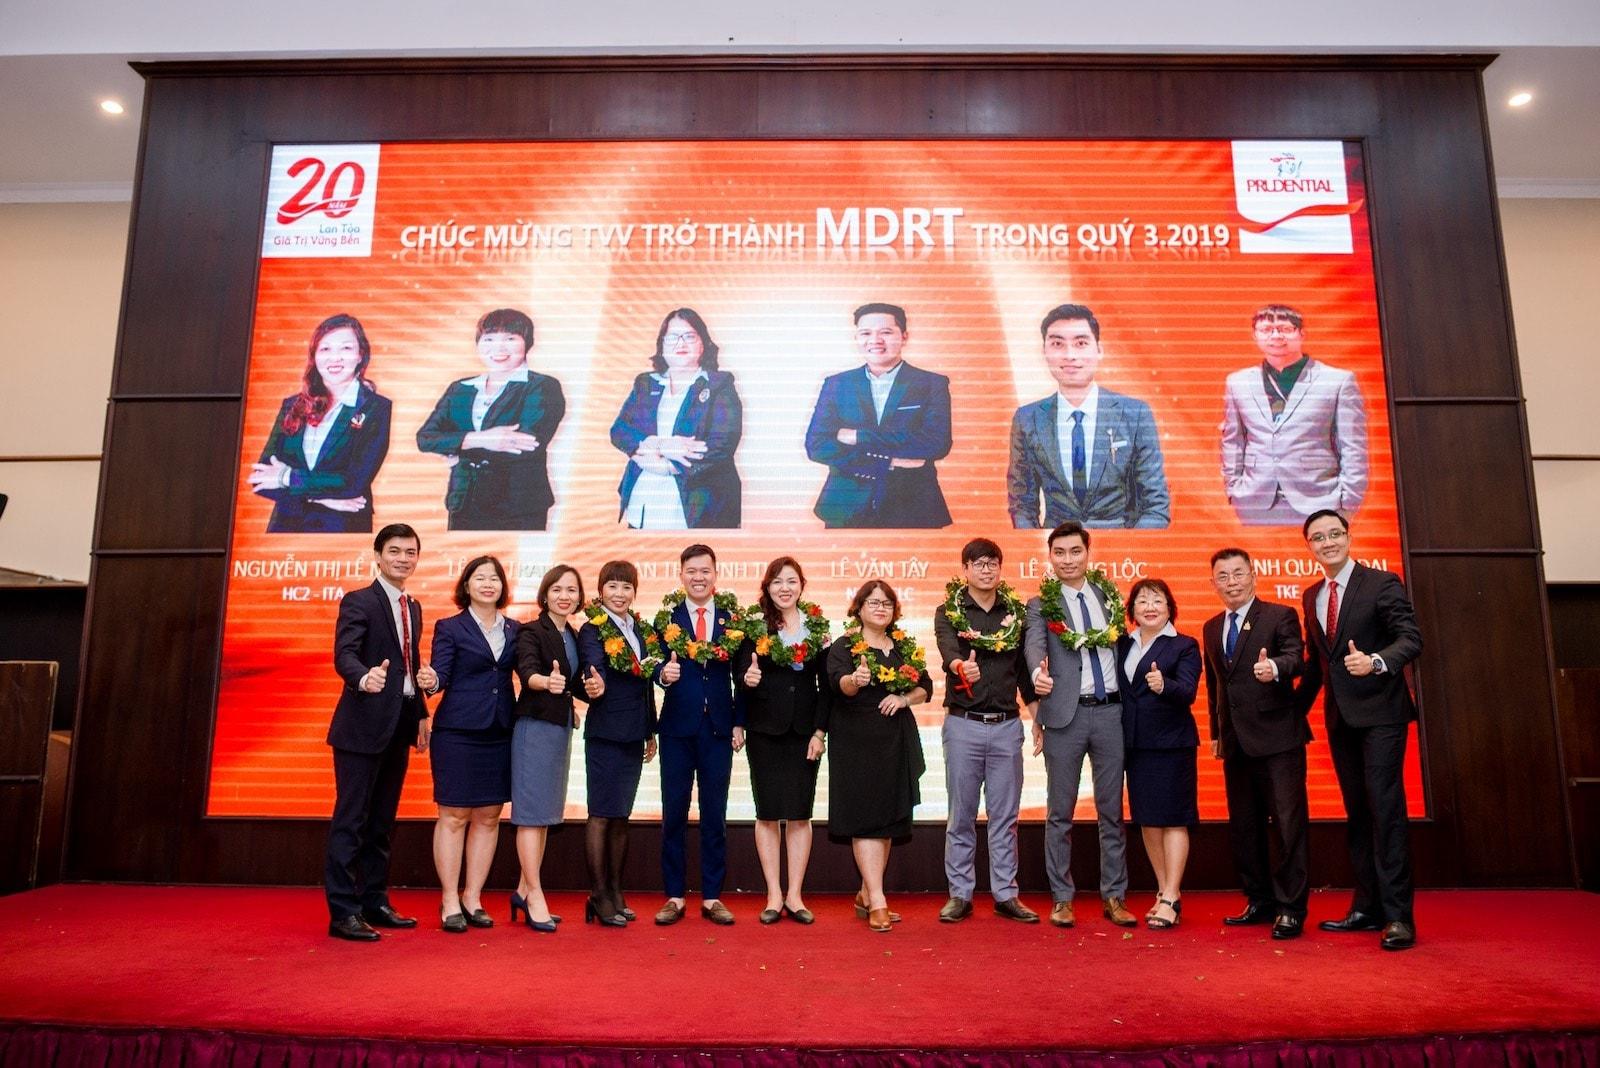 Tư vấn viên đạt MDRT Quý 3 2019